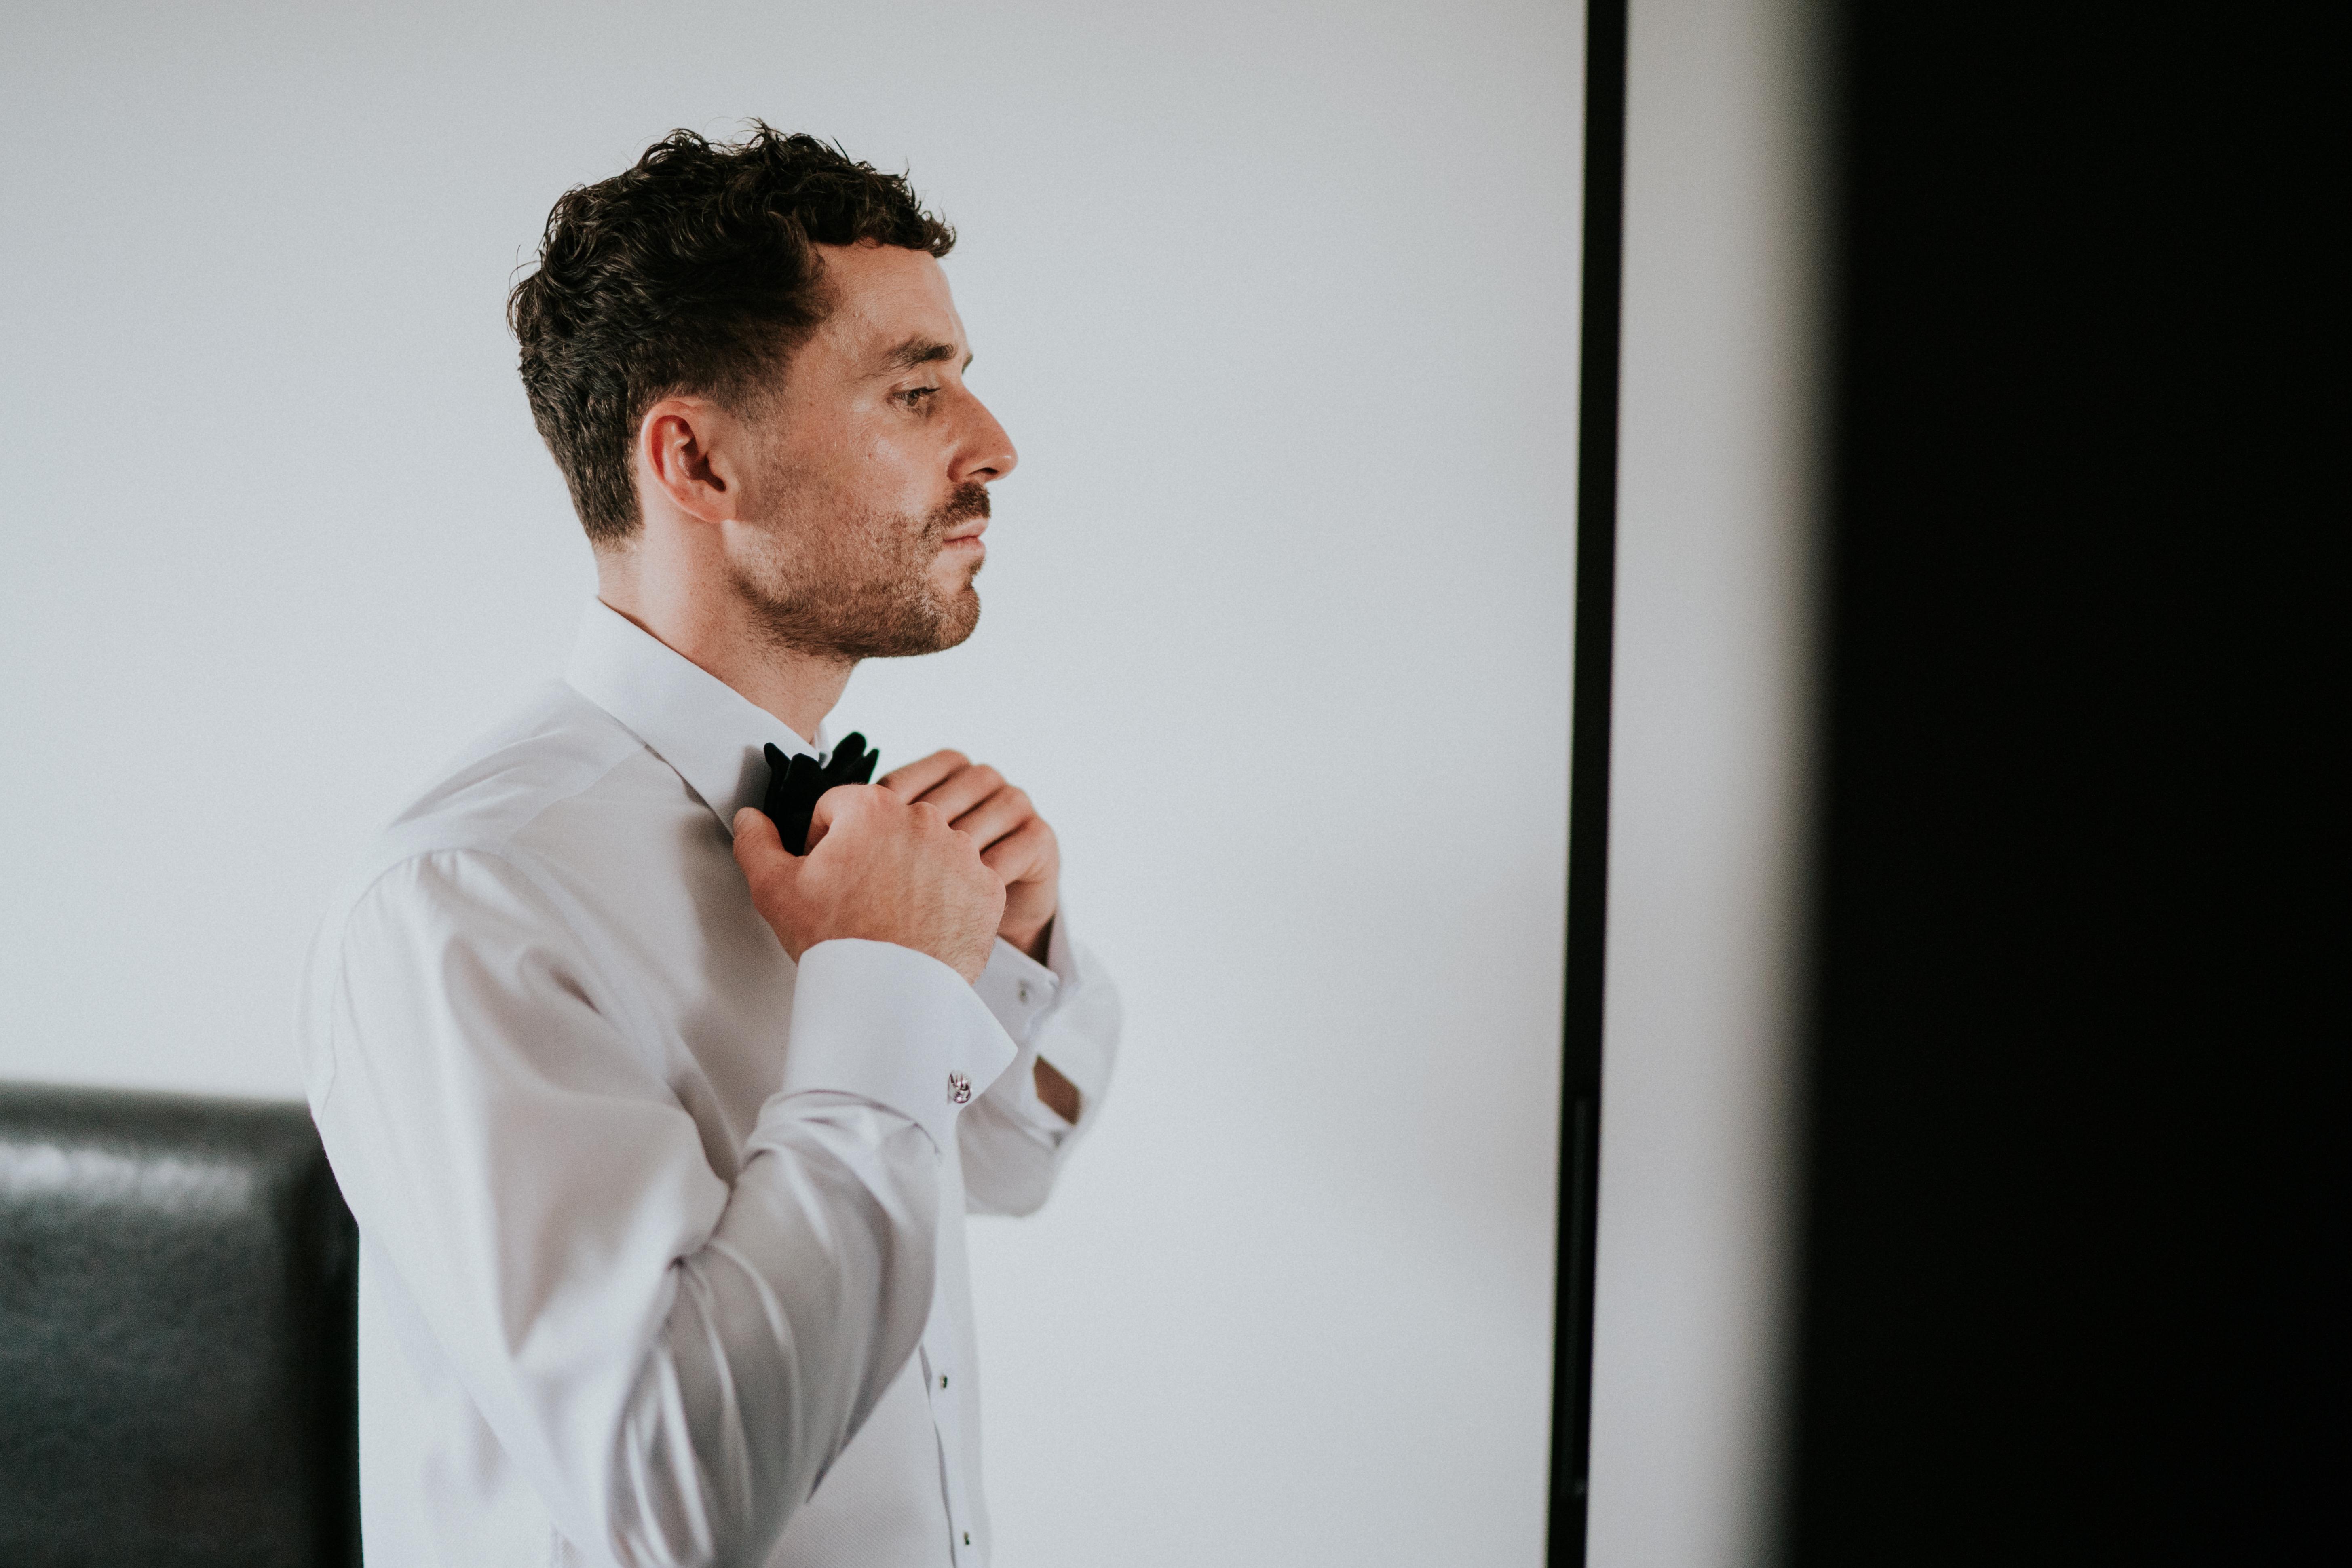 straightening tie